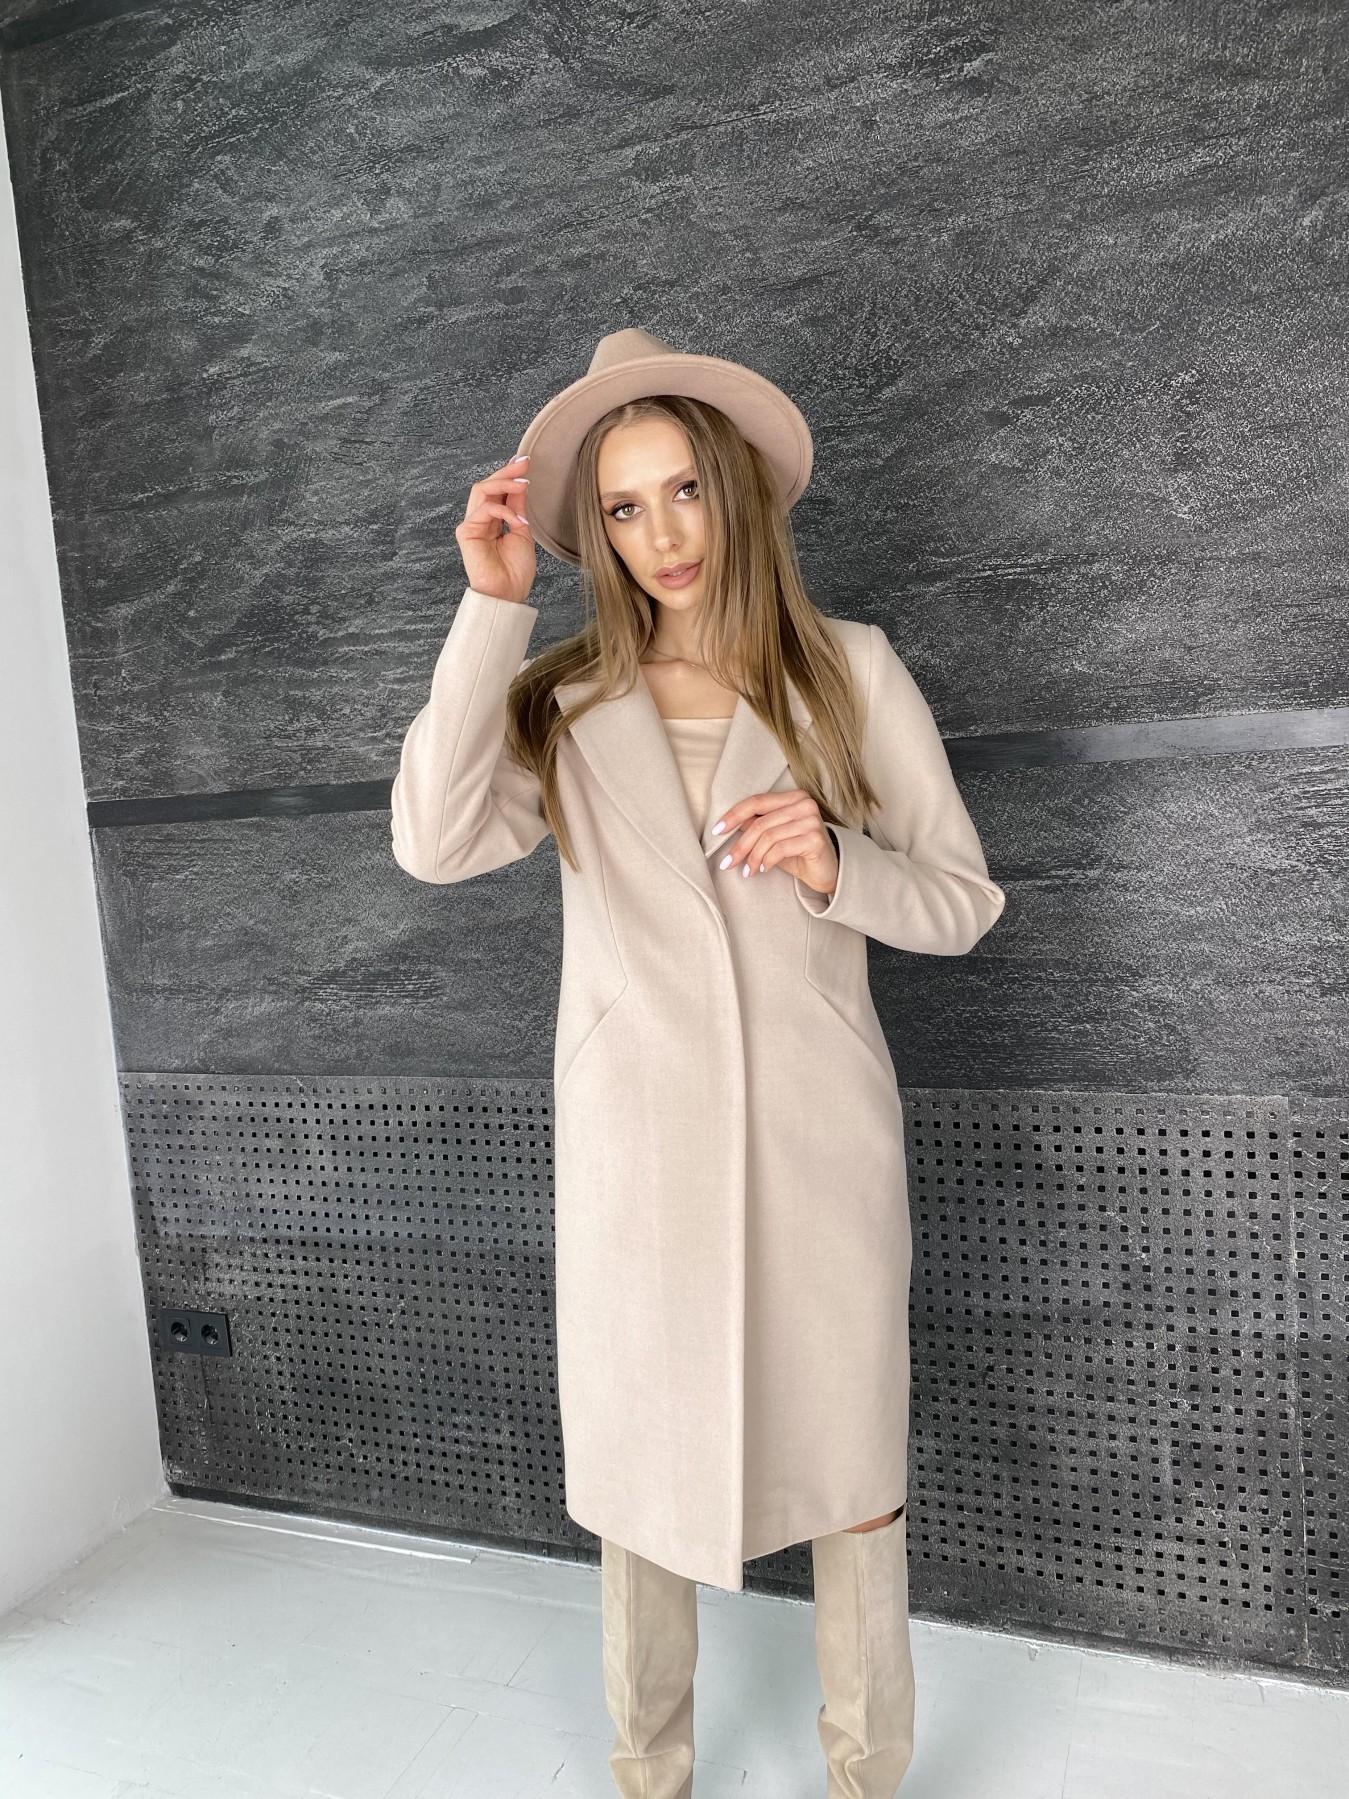 Мехико пальто из гладкого кашемира 10891 АРТ. 47360 Цвет: Бежевый - фото 2, интернет магазин tm-modus.ru